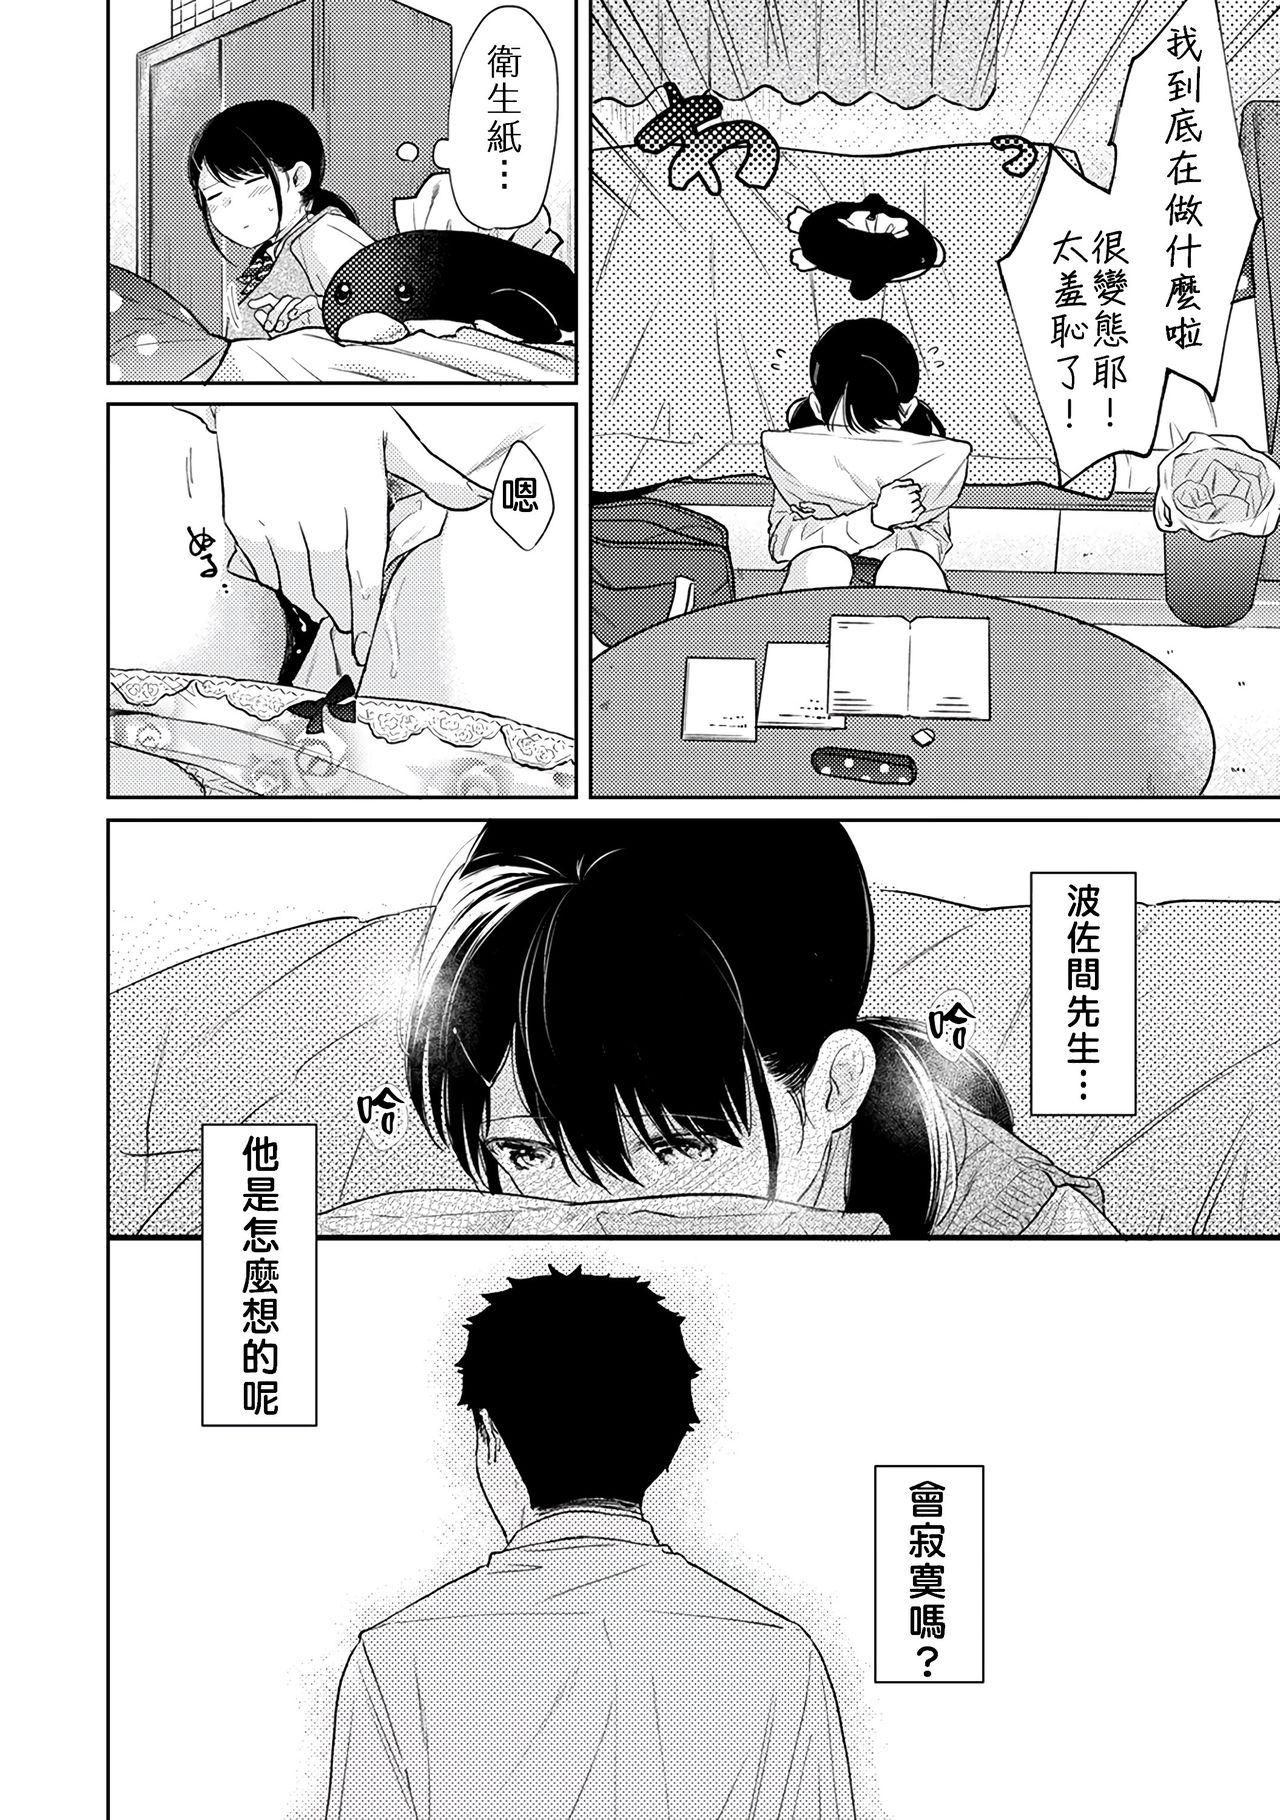 1LDK+JK Ikinari Doukyo? Micchaku!? Hatsu Ecchi!!?   1LDK+JK 突然間展開同居? 極度貼近!?初體驗!? Ch. 18-22 134